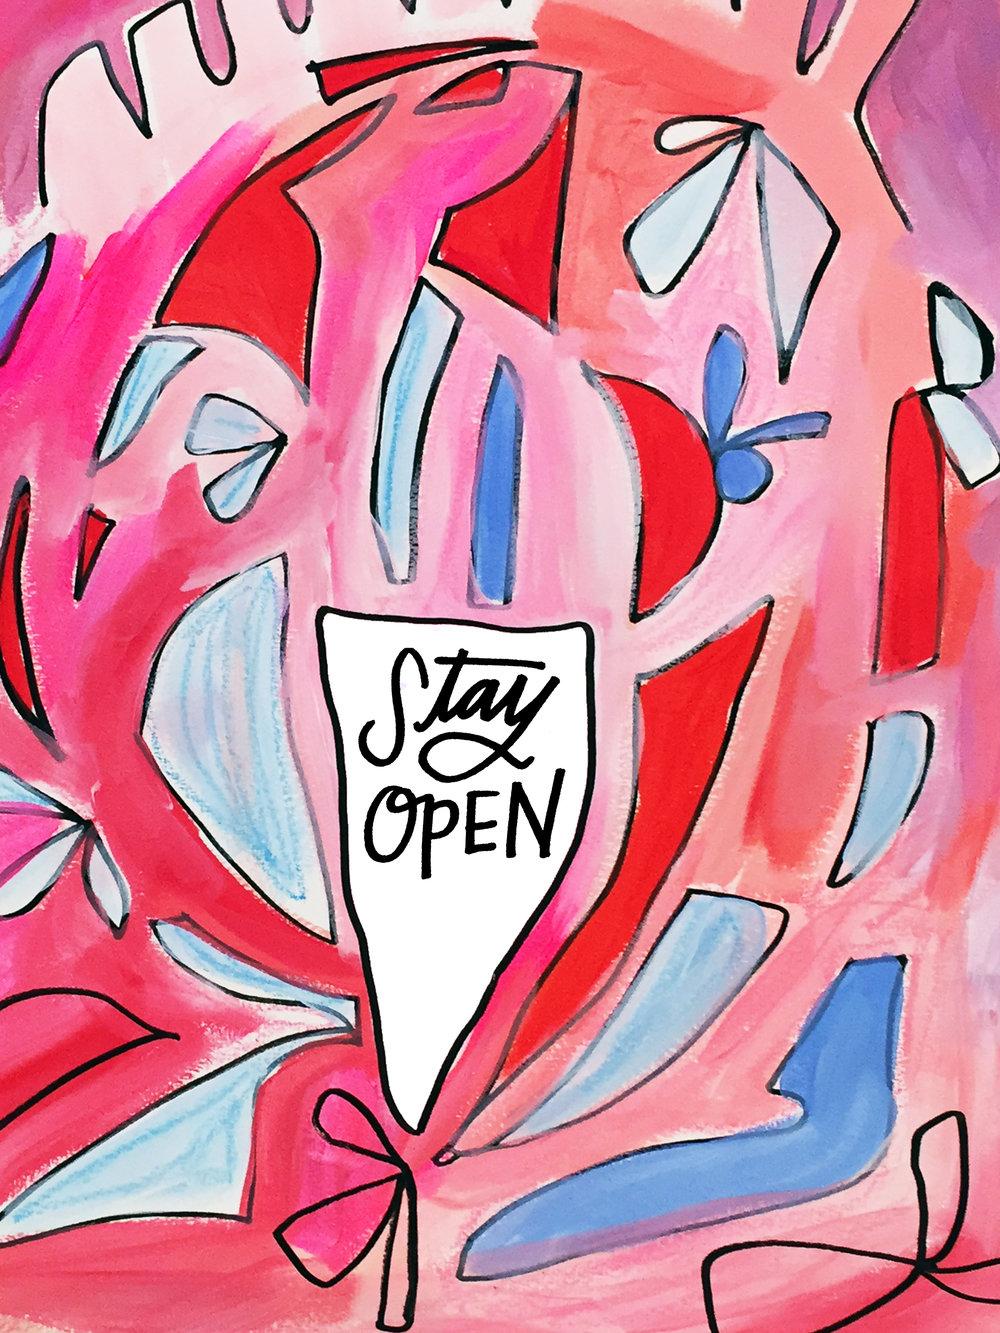 2/1/16: Open